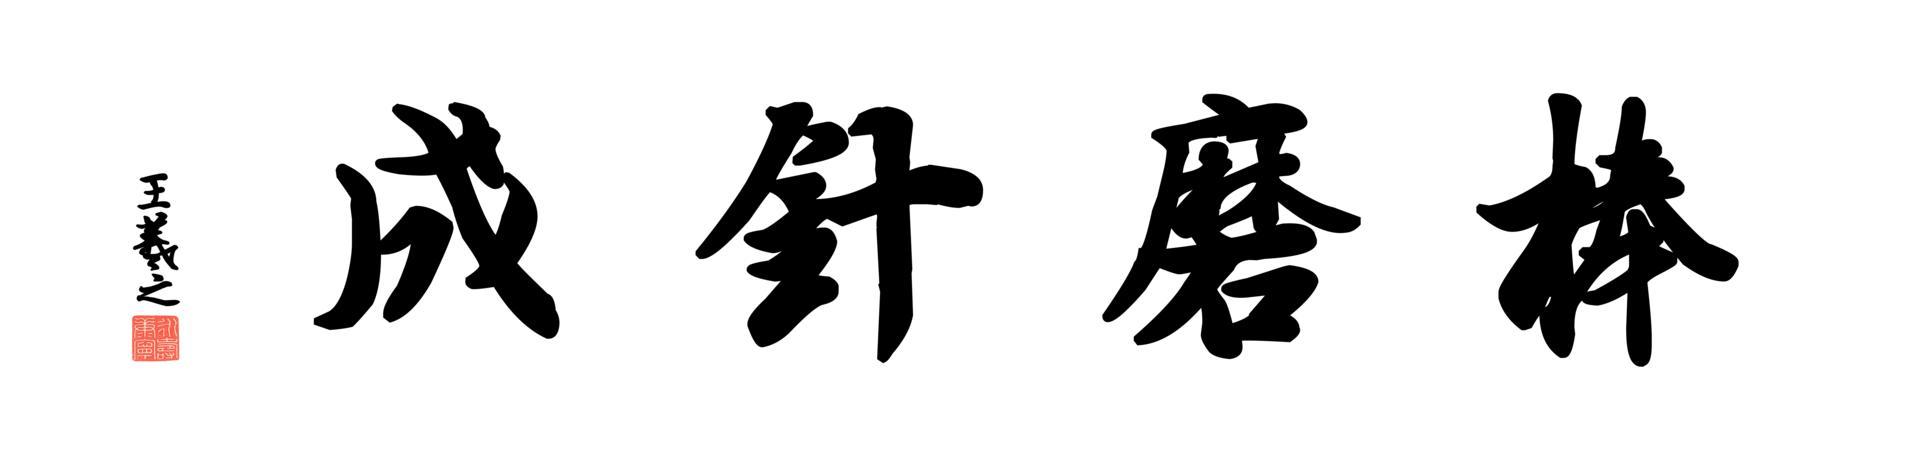 0002_王羲之兰亭体数字书法-四字横幅棒磨针成136x33cm_21417x5197PX_TIF_400DPI_326_0